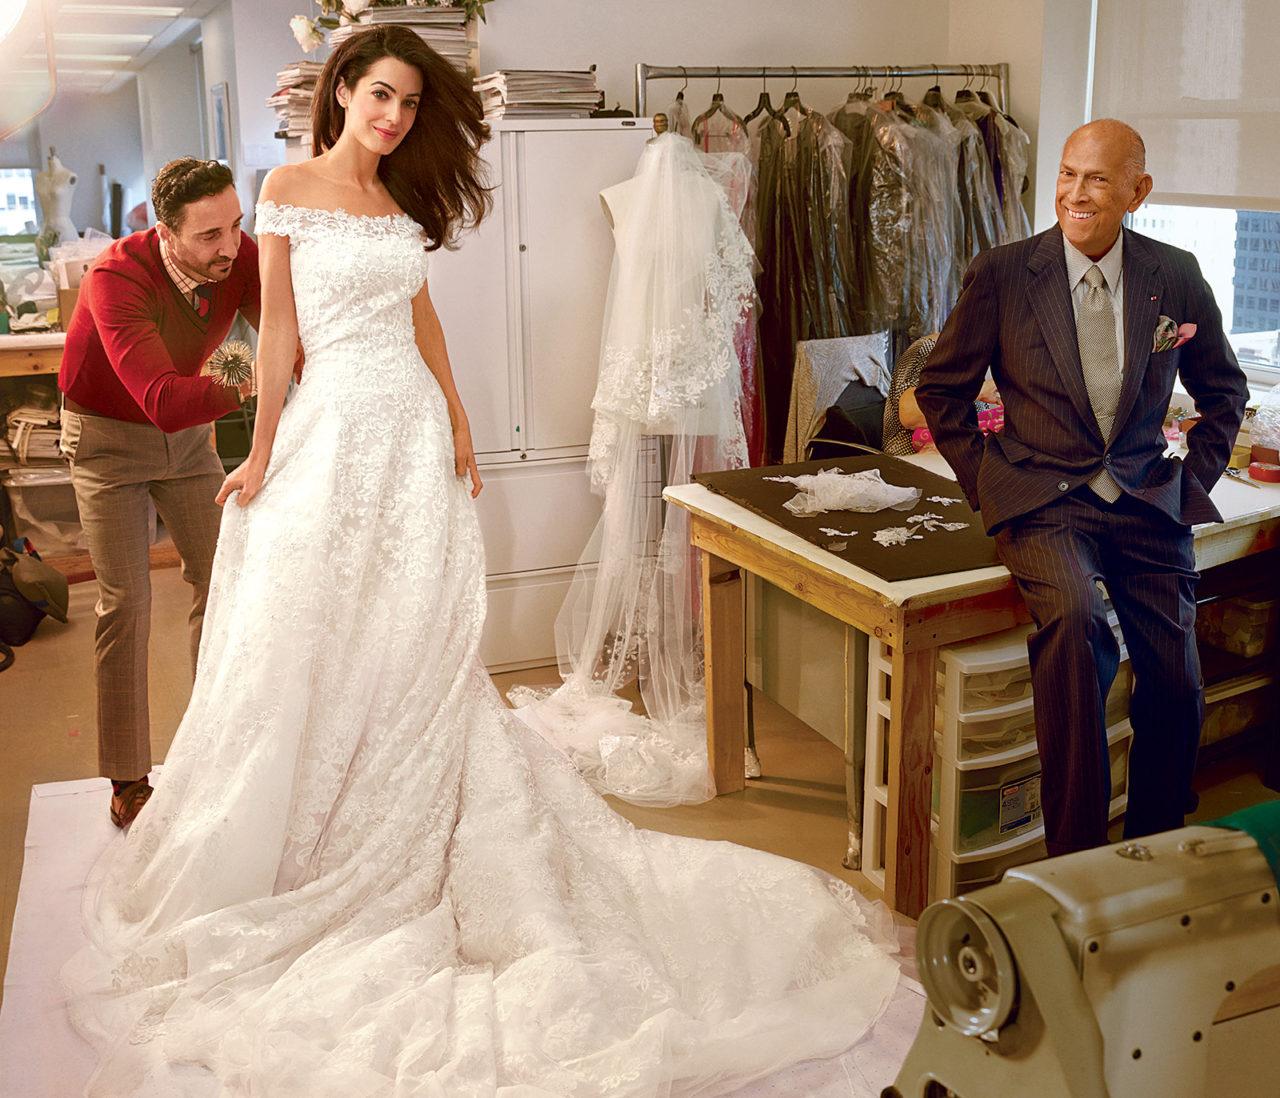 8 most stylish celebrity wedding dresses from 2014 weddingsonline amalalamuddinoscardelarentaweddingdress junglespirit Images